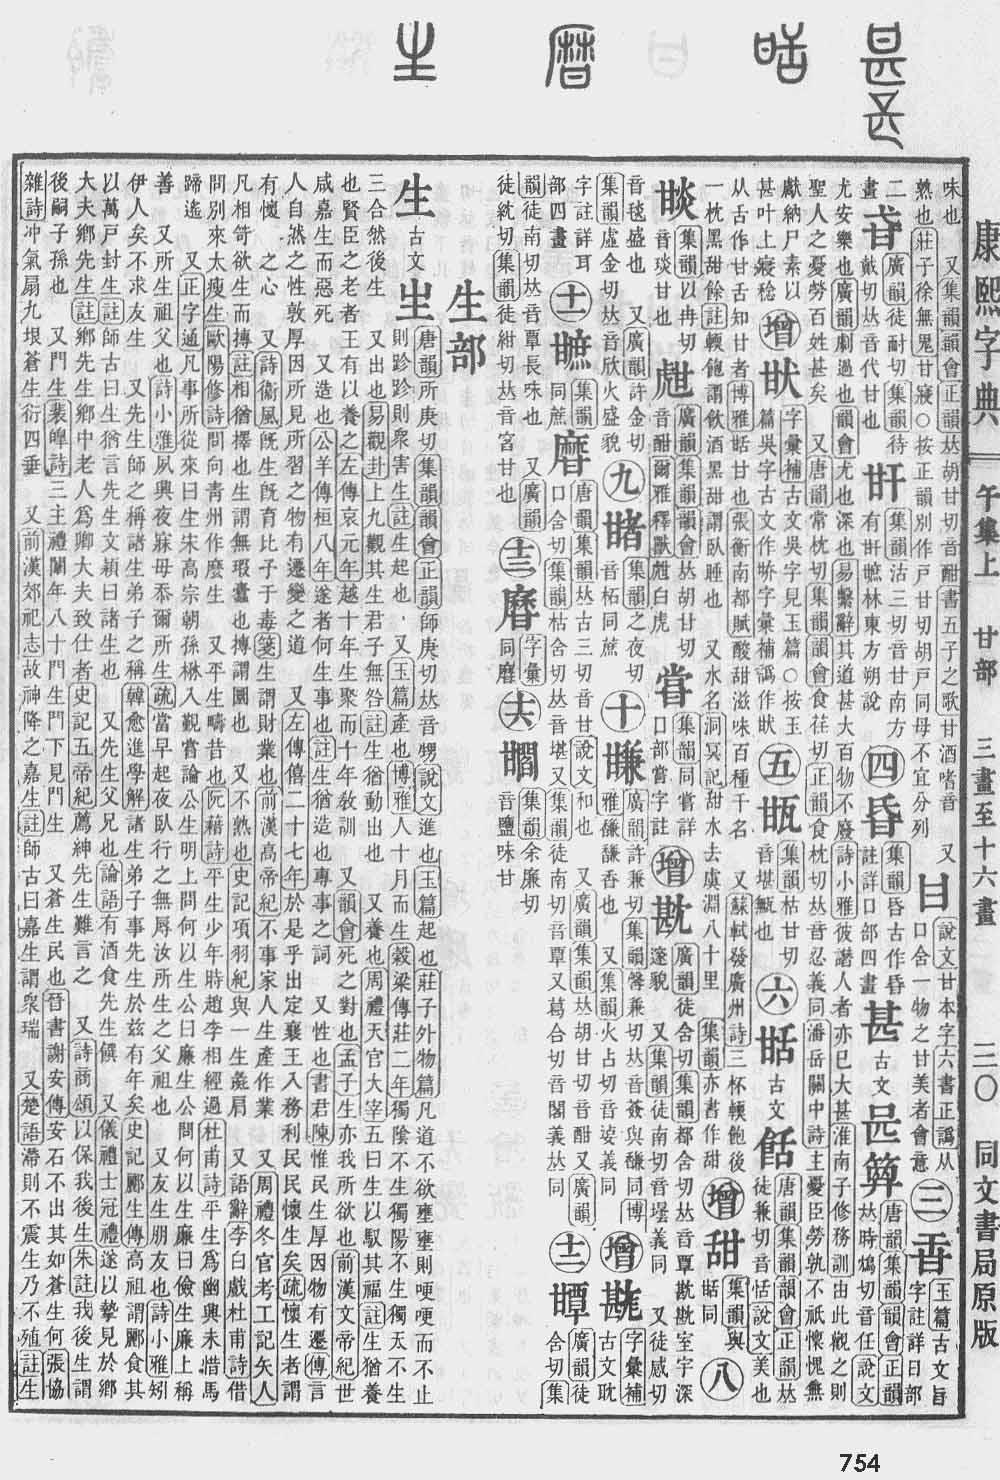 《康熙字典》第754页